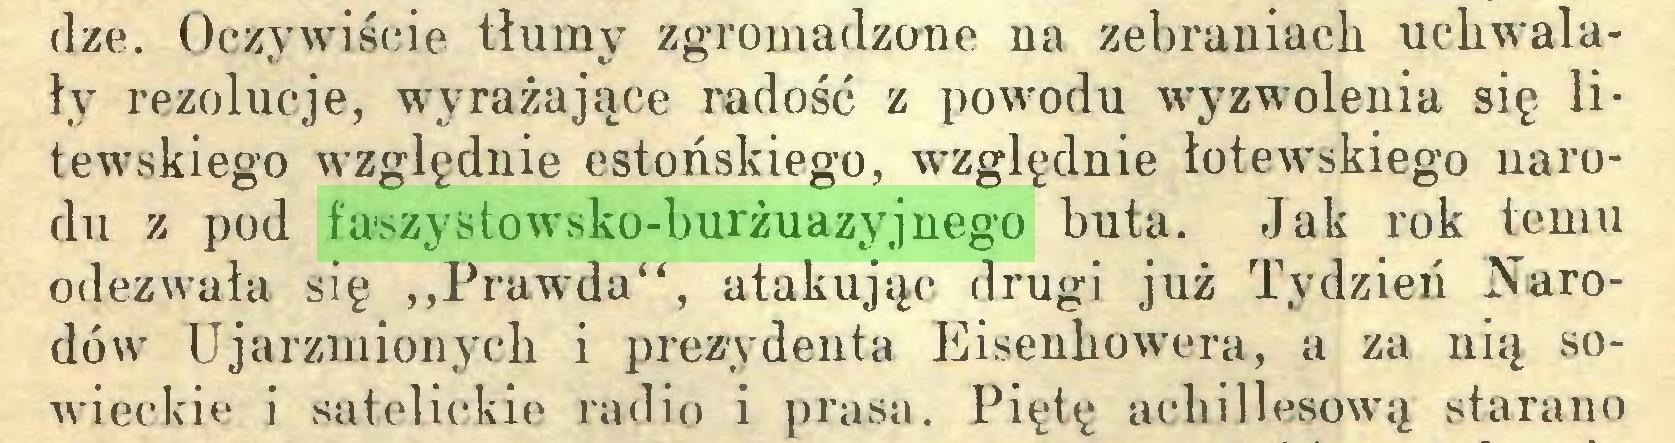 """(...) dze. Oczywiście tłumy zgromadzone na zebraniach uchwalały rezolucje, wyrażające radość z powodu wyzwolenia się litewskiego względnie estońskiego, względnie łotewskiego uarodu z pod faszystowsko-burżuazyjnego buta. Jak rok temu odezwała się ,,Prawda"""", atakując drugi już Tydzień Narodów Ujarzmionych i prezydenta Eisenhowera, a za nią sowieckie i satelickie radio i prasa. Piętę achillesową starano..."""